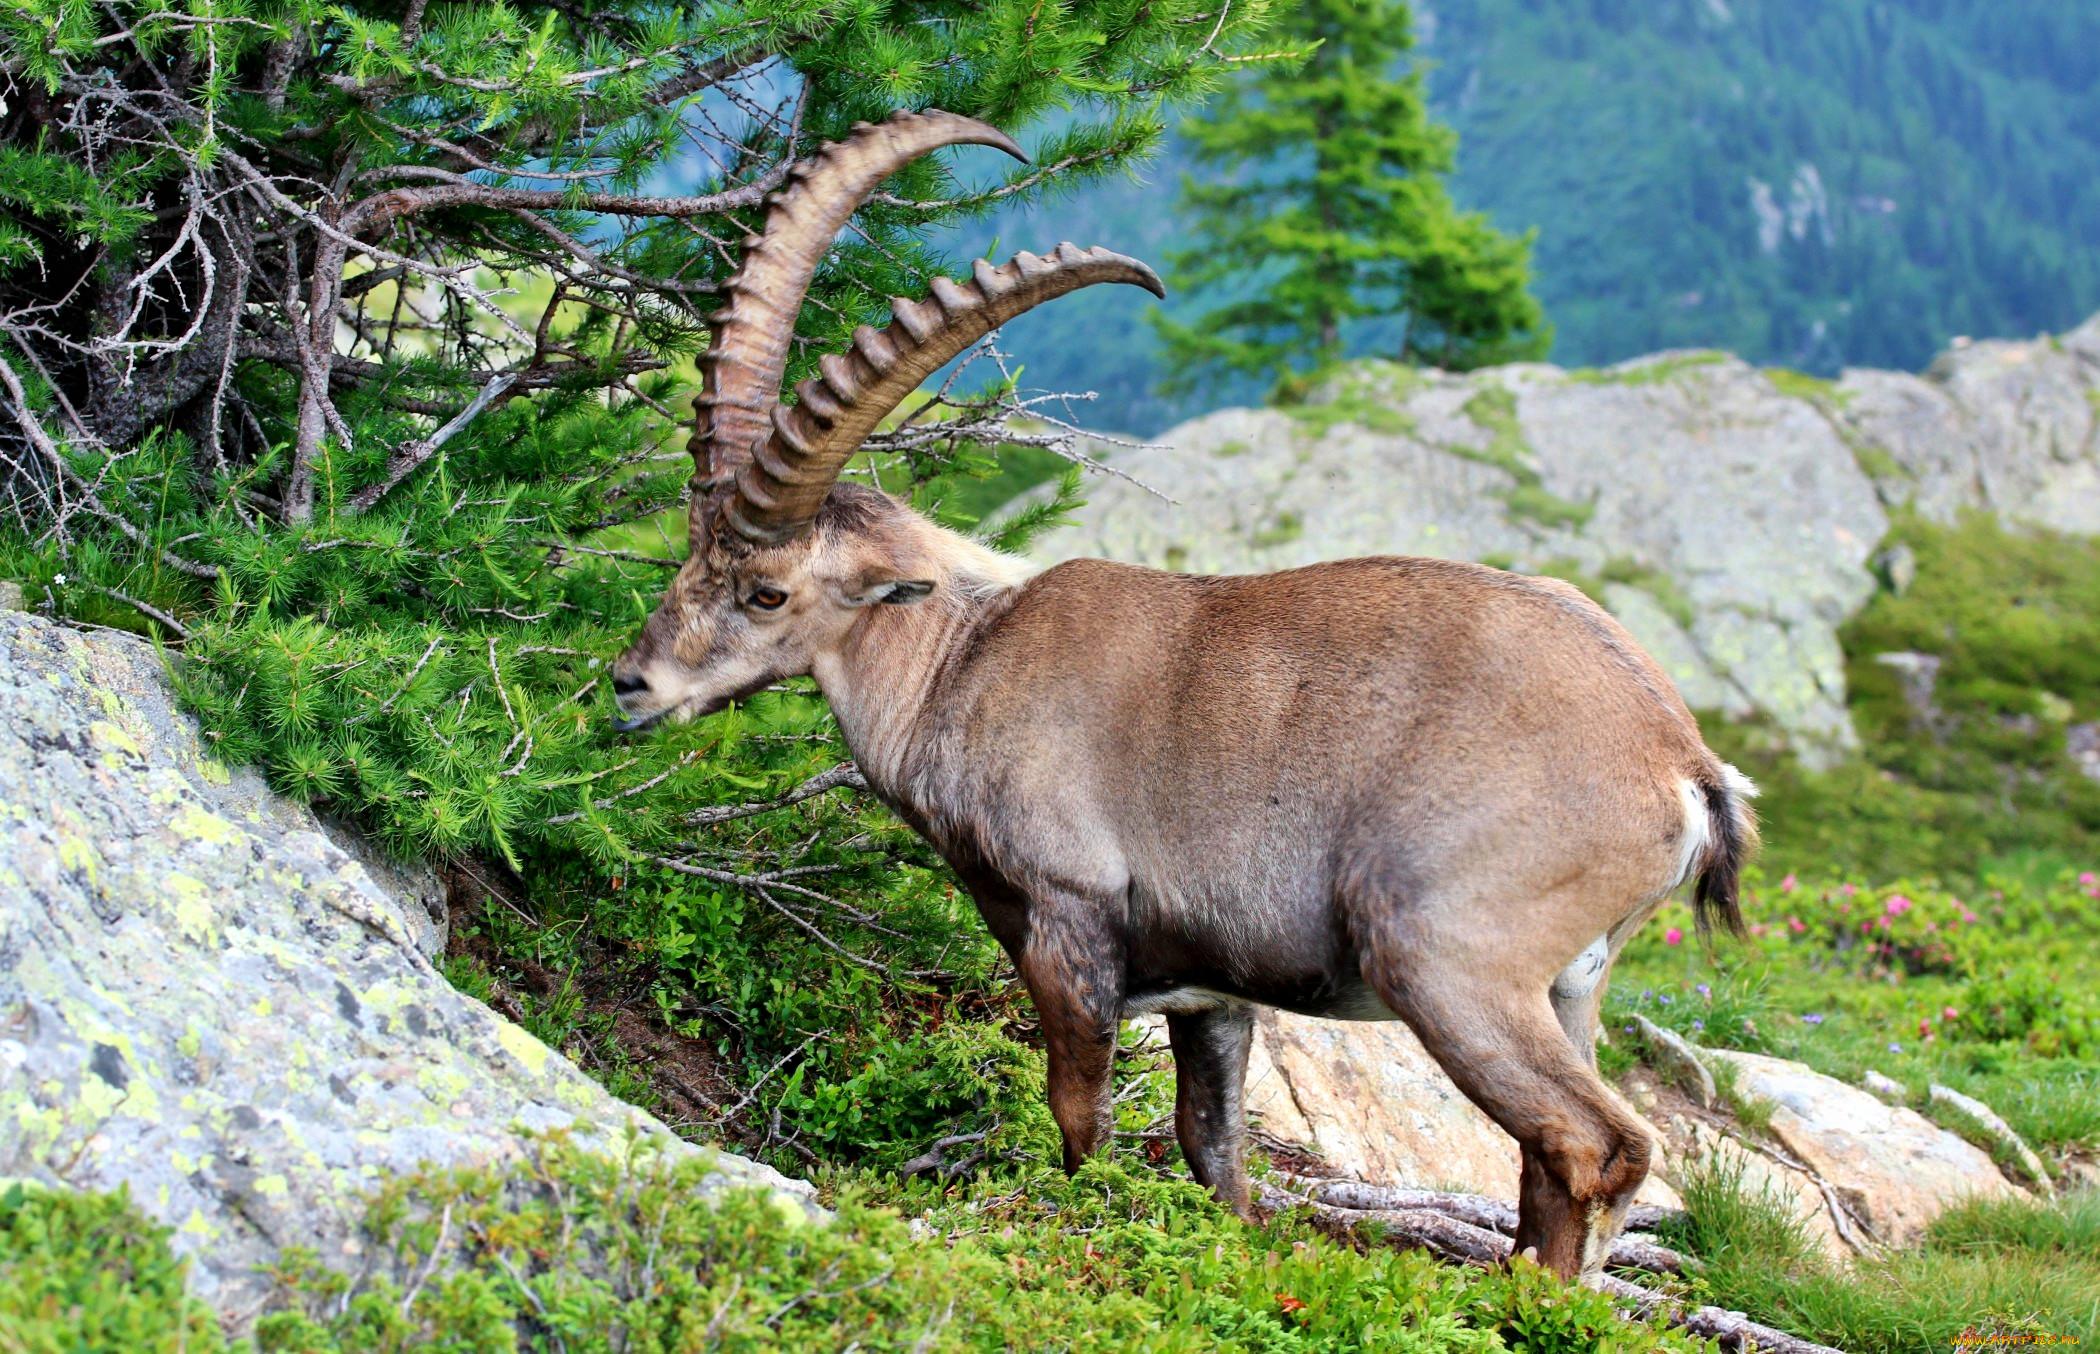 животный мир гор фото русский язык слово